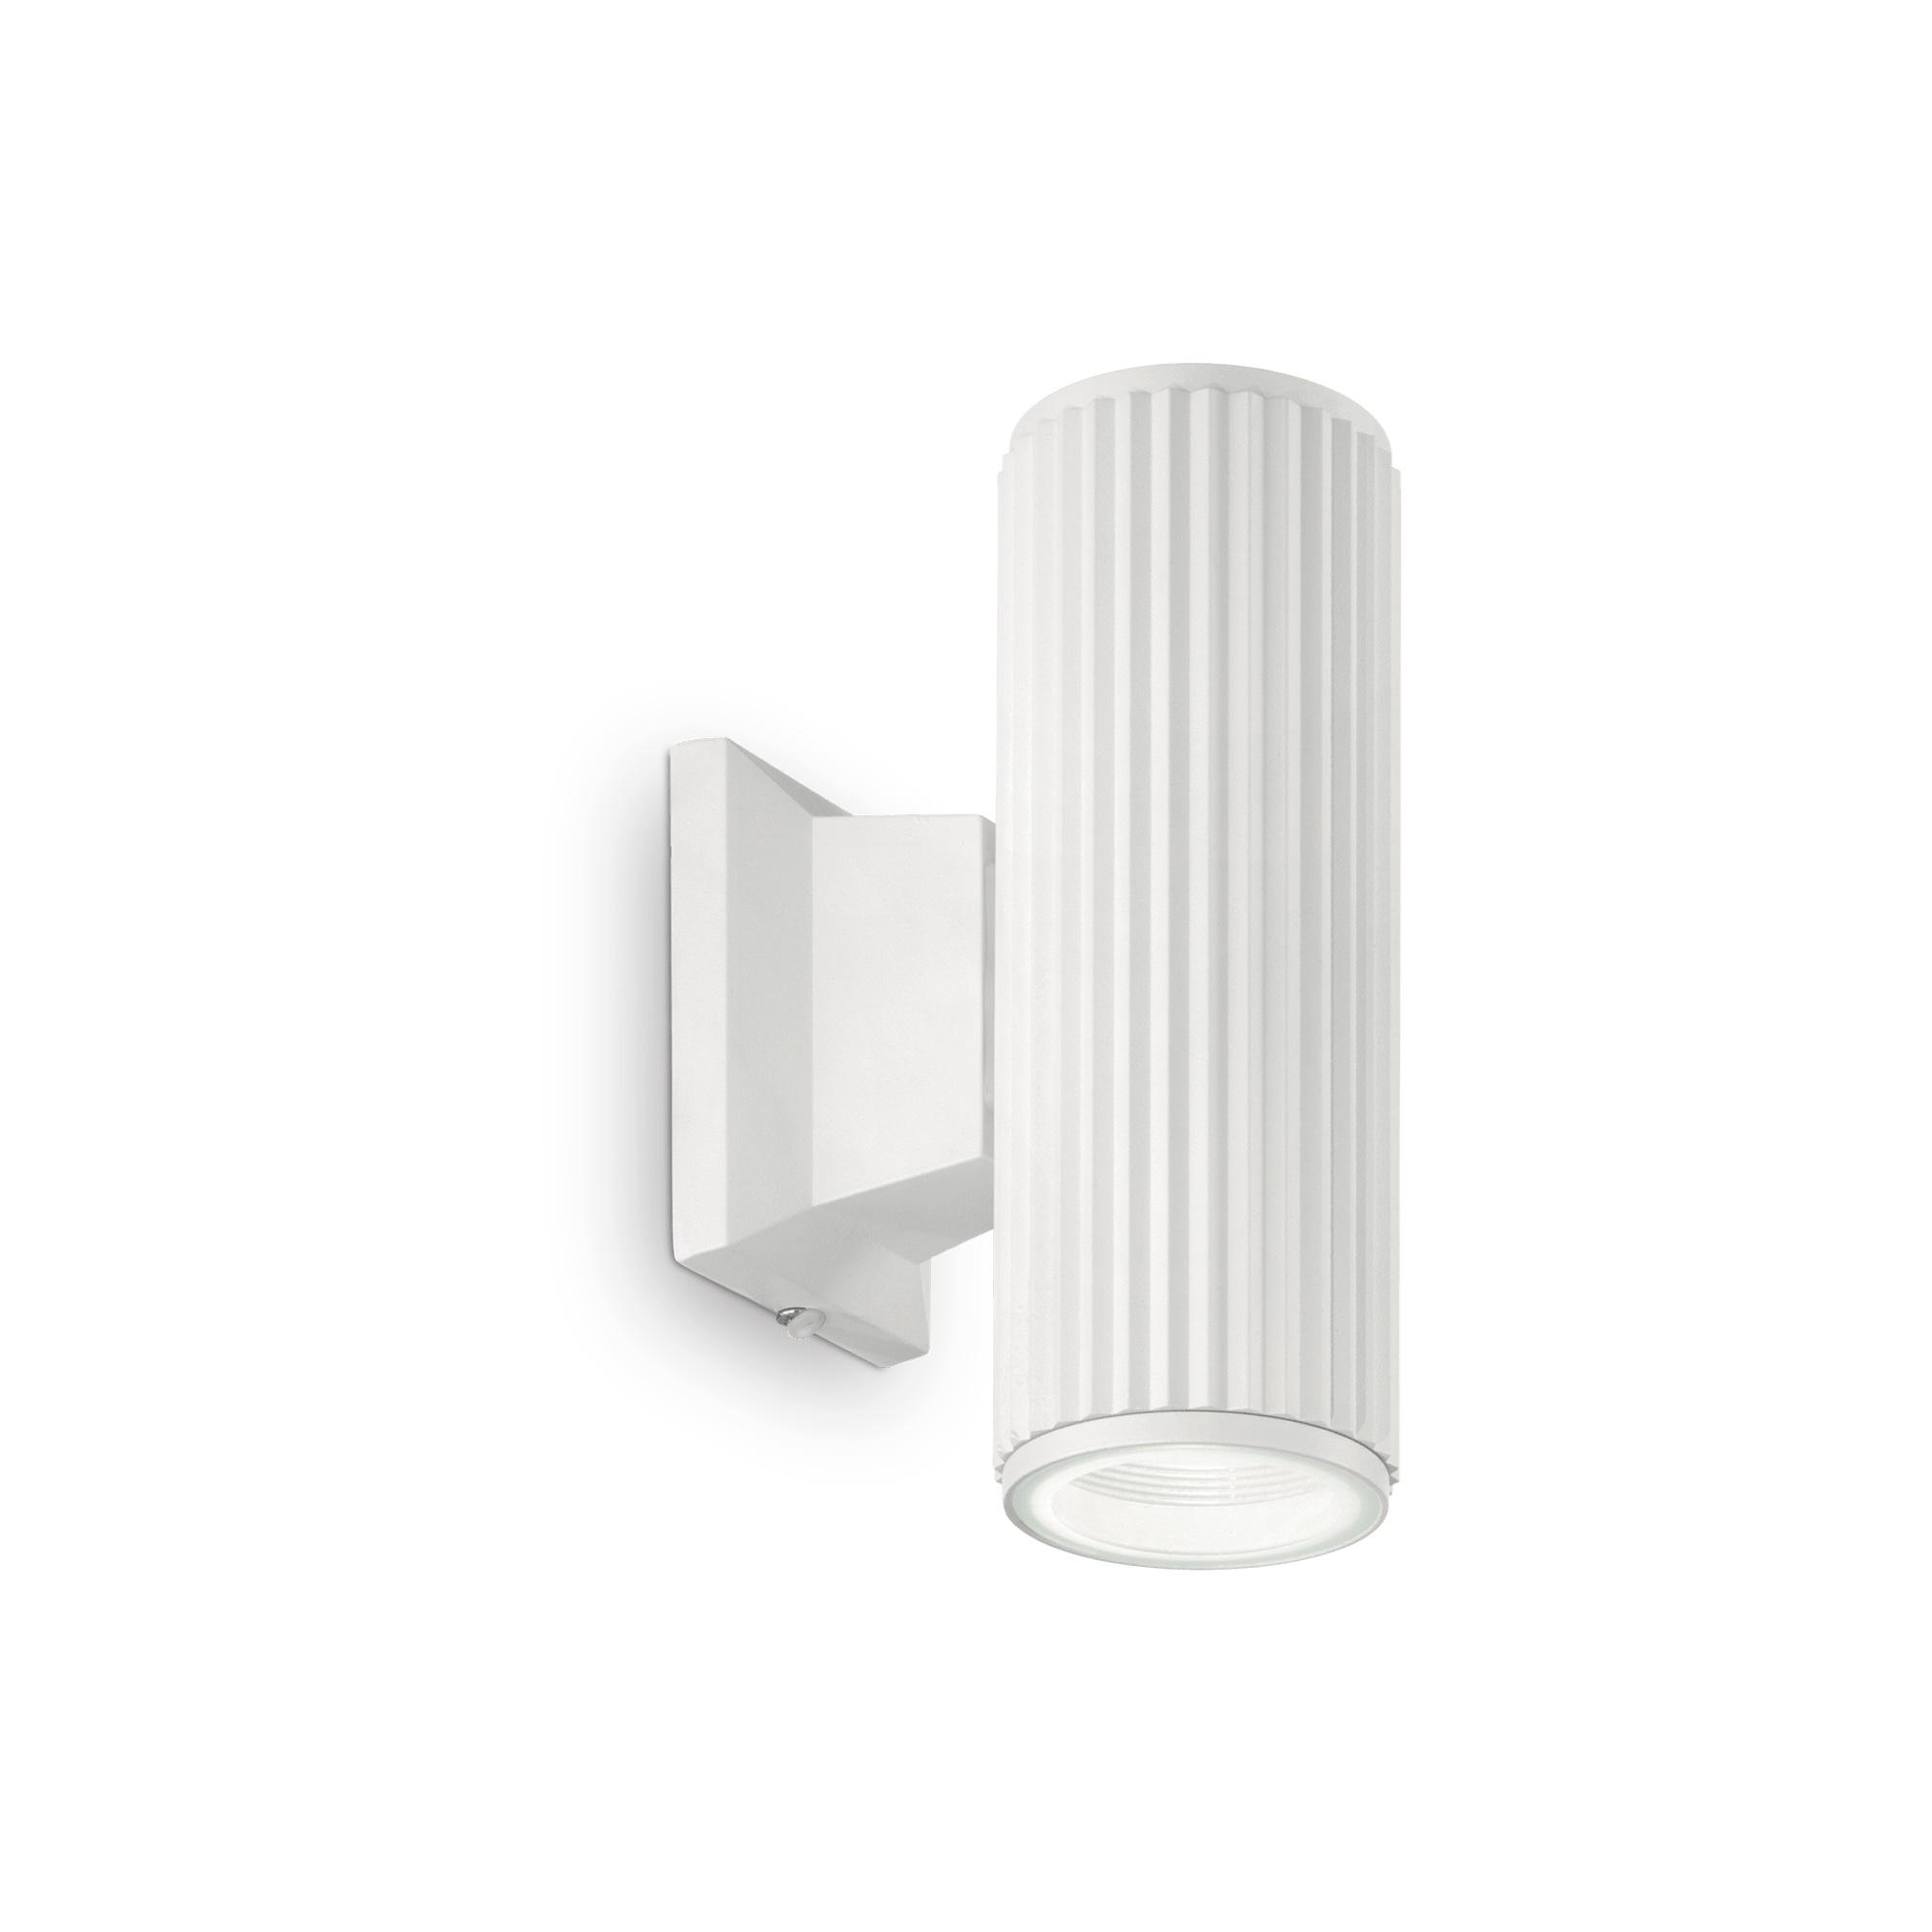 BASE AP2 BIANCO уличный накладной светильник белый